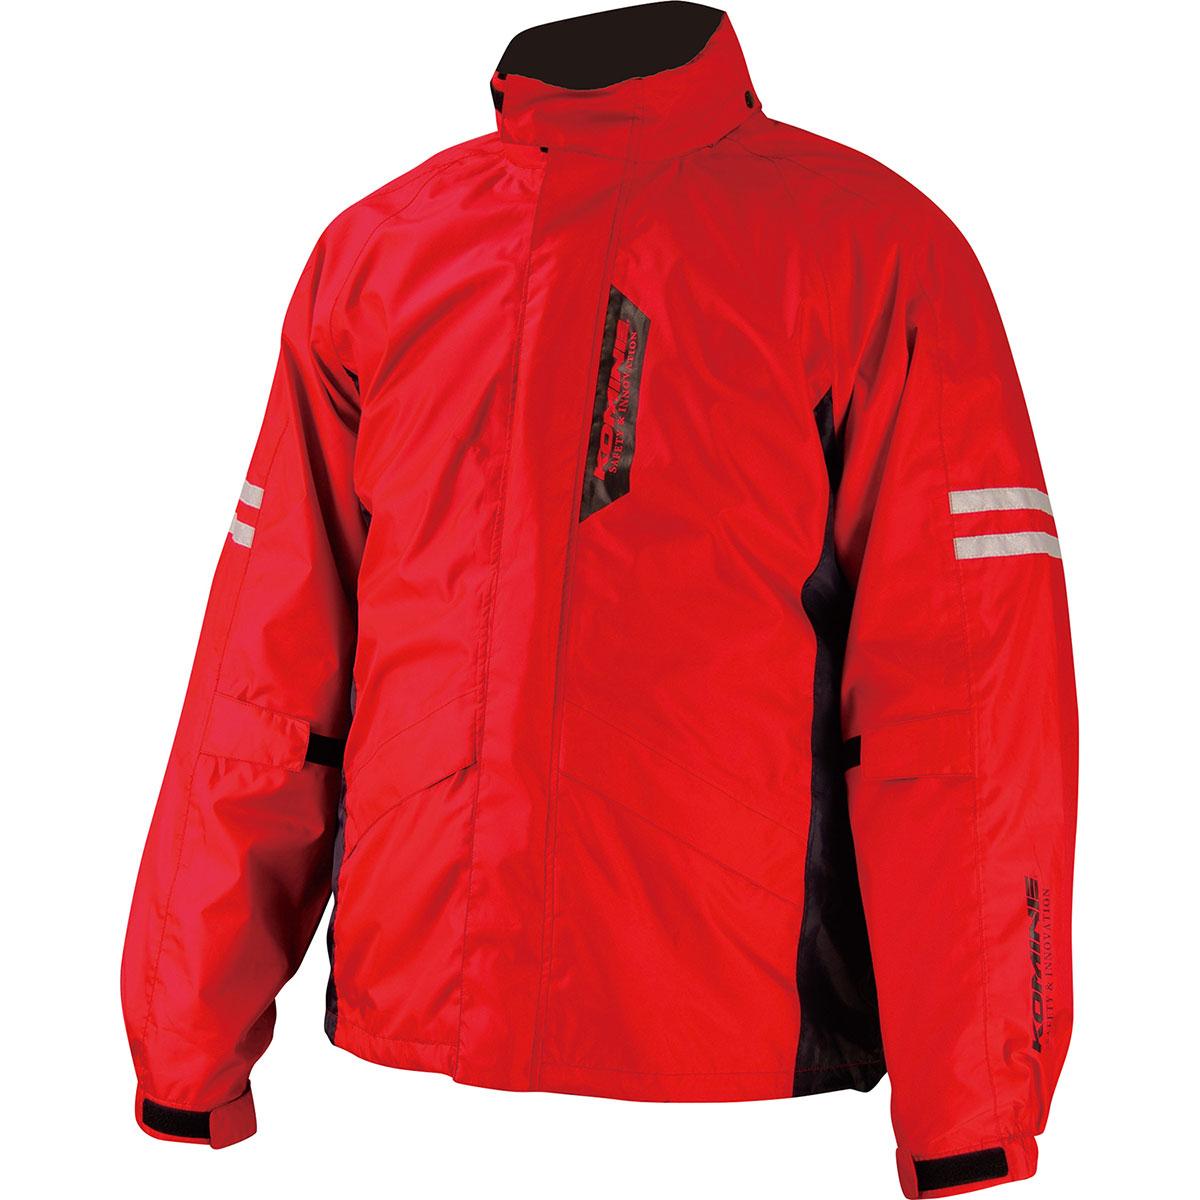 限定品 コミネ Komine バイク用 レインギア Rain gear RK-539 ブレスターレインウェア 03-539 レッド 赤 フィアート RD お見舞い 4XLBサイズ 4XLB